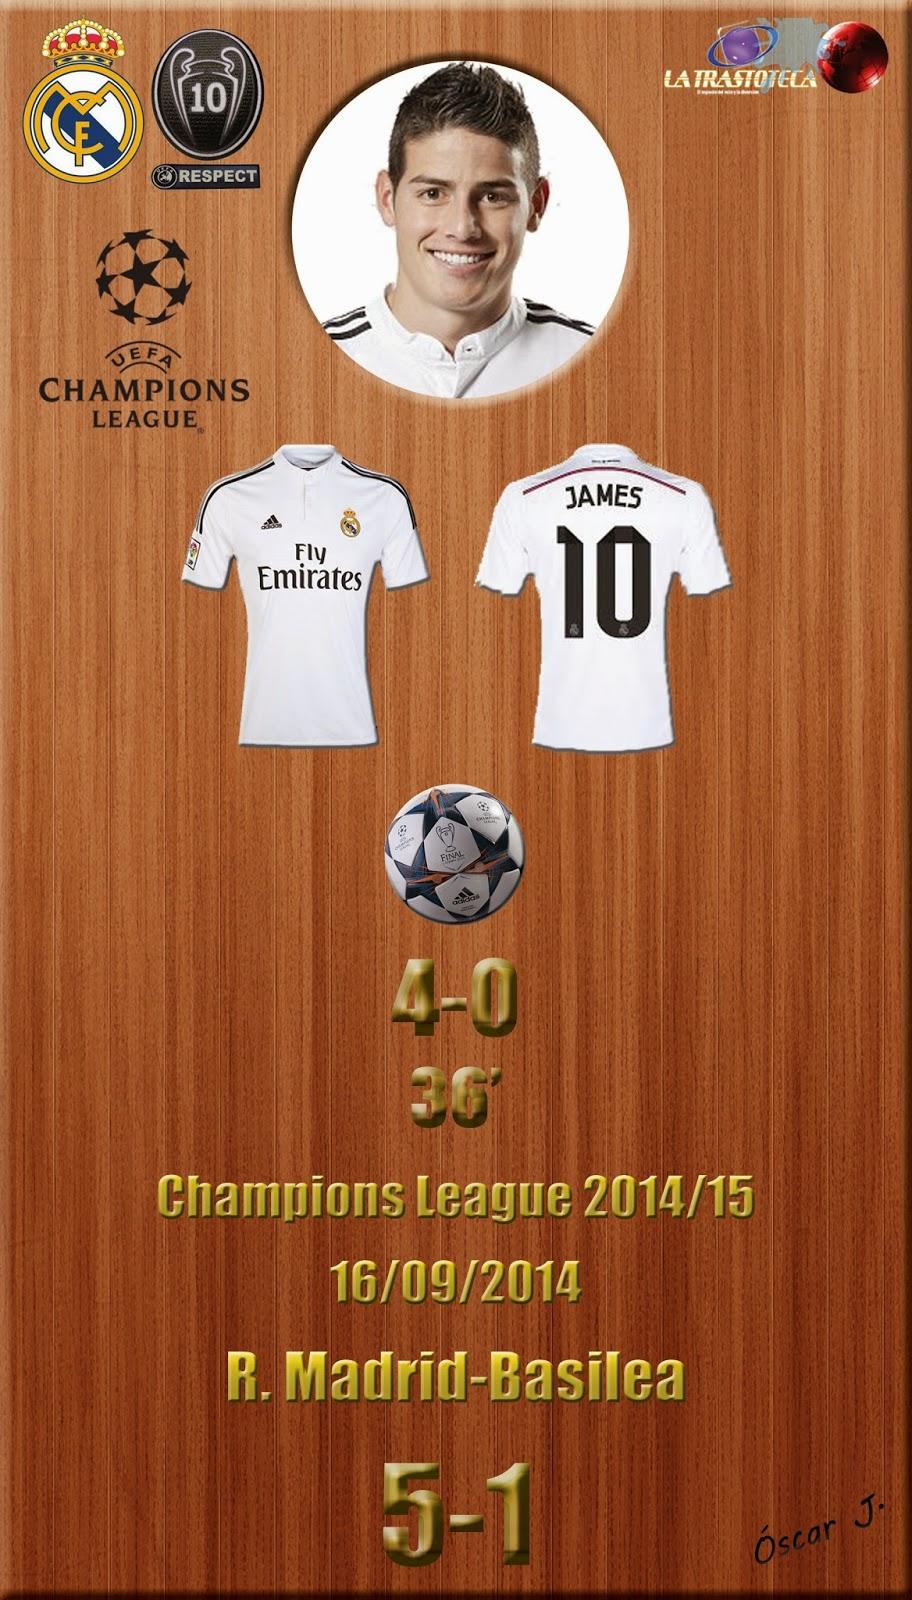 James Rodríguez (4-0) - Champions League. Jornada 1 (16/09/2014)